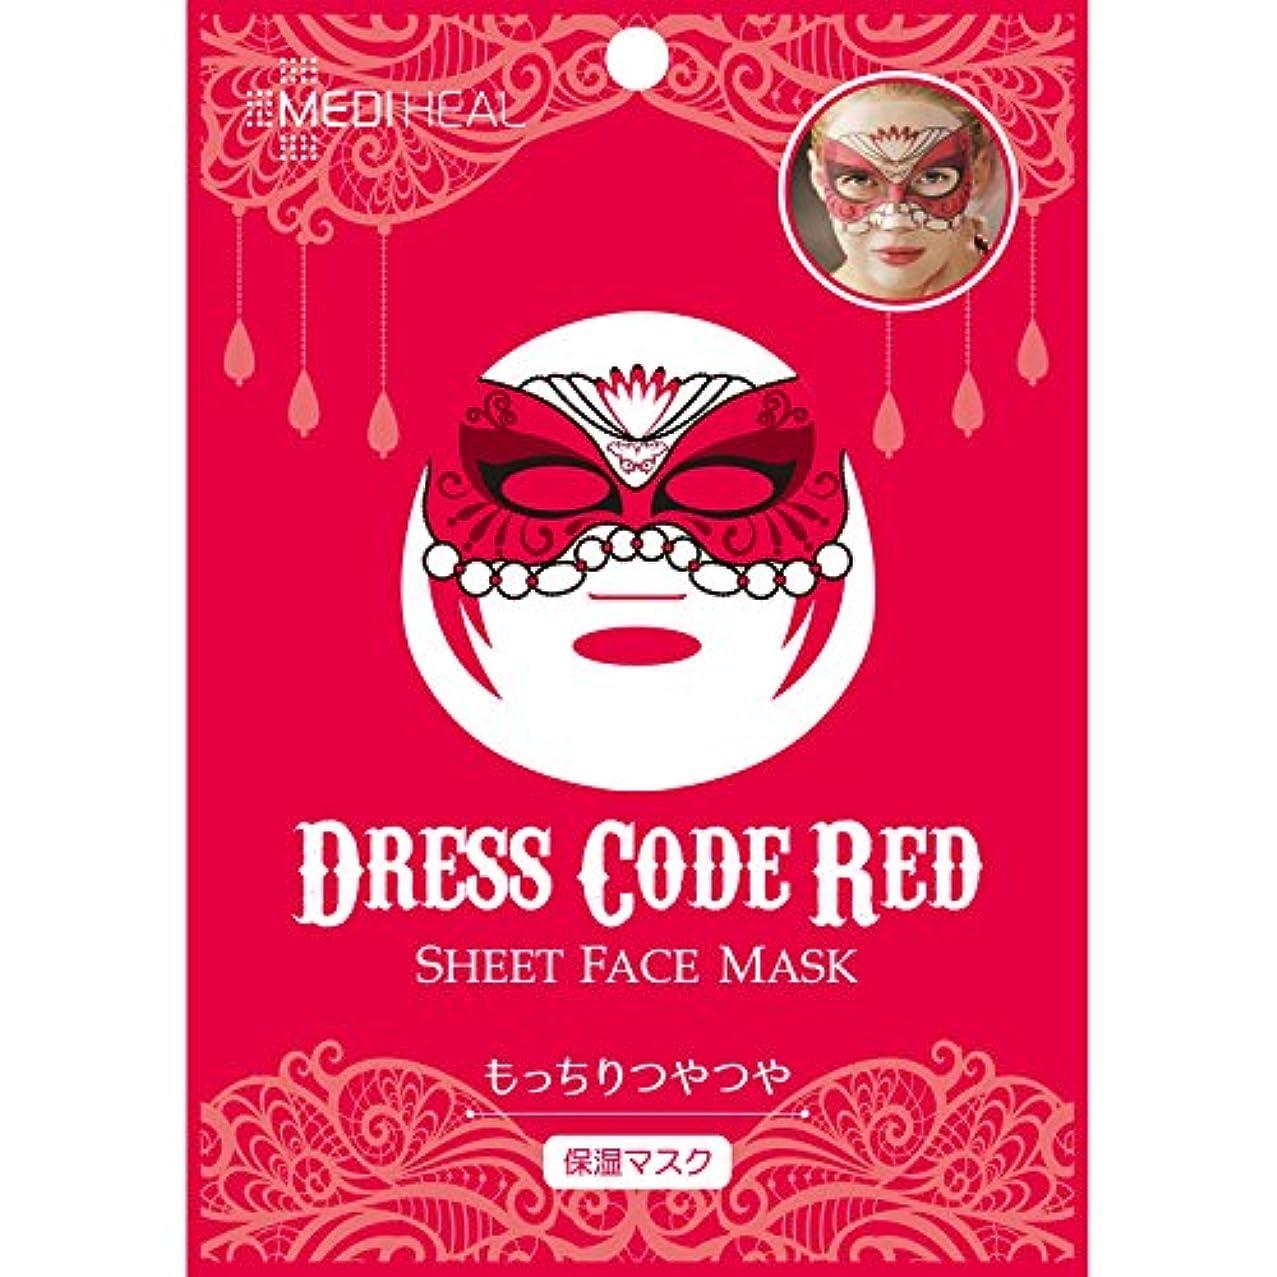 抑圧者こねるスカウトメディヒル フェイスマスク ドレスコードレッド (27ML/1シート)